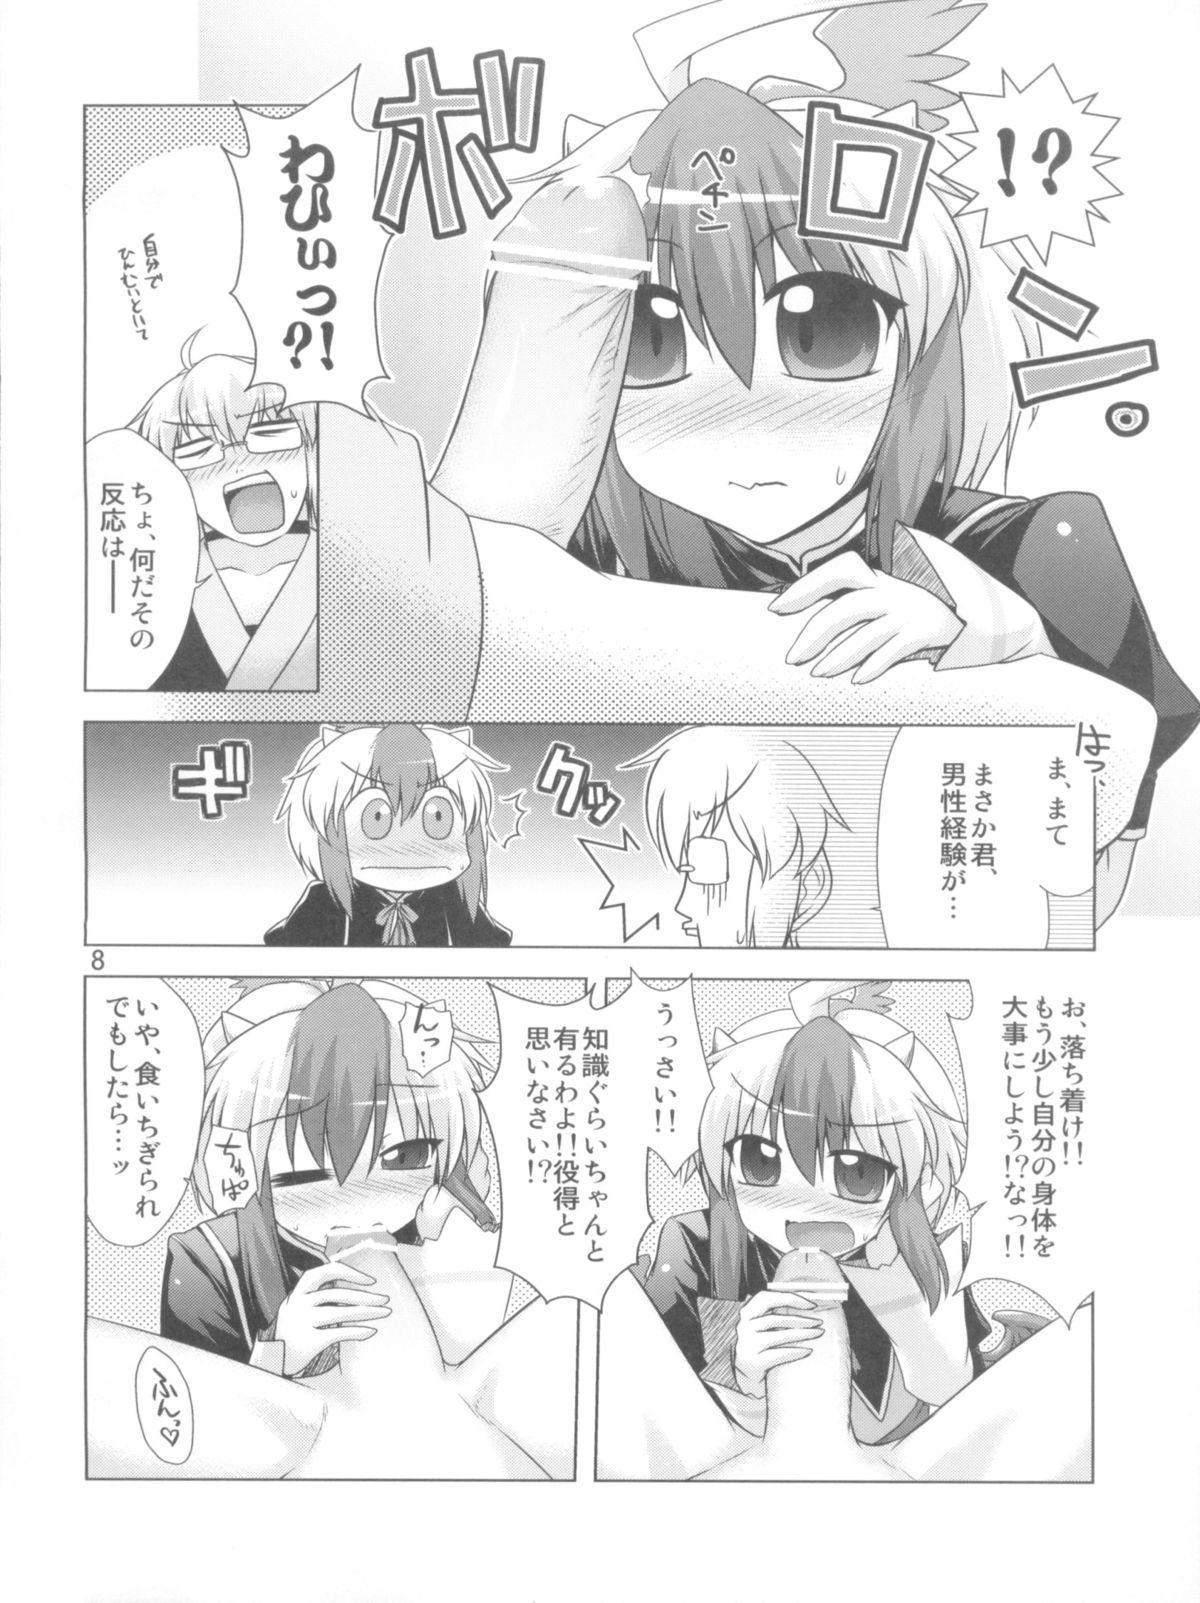 Namonaki Ai no Uta Nanashi Honyomi Youkai Hen 7